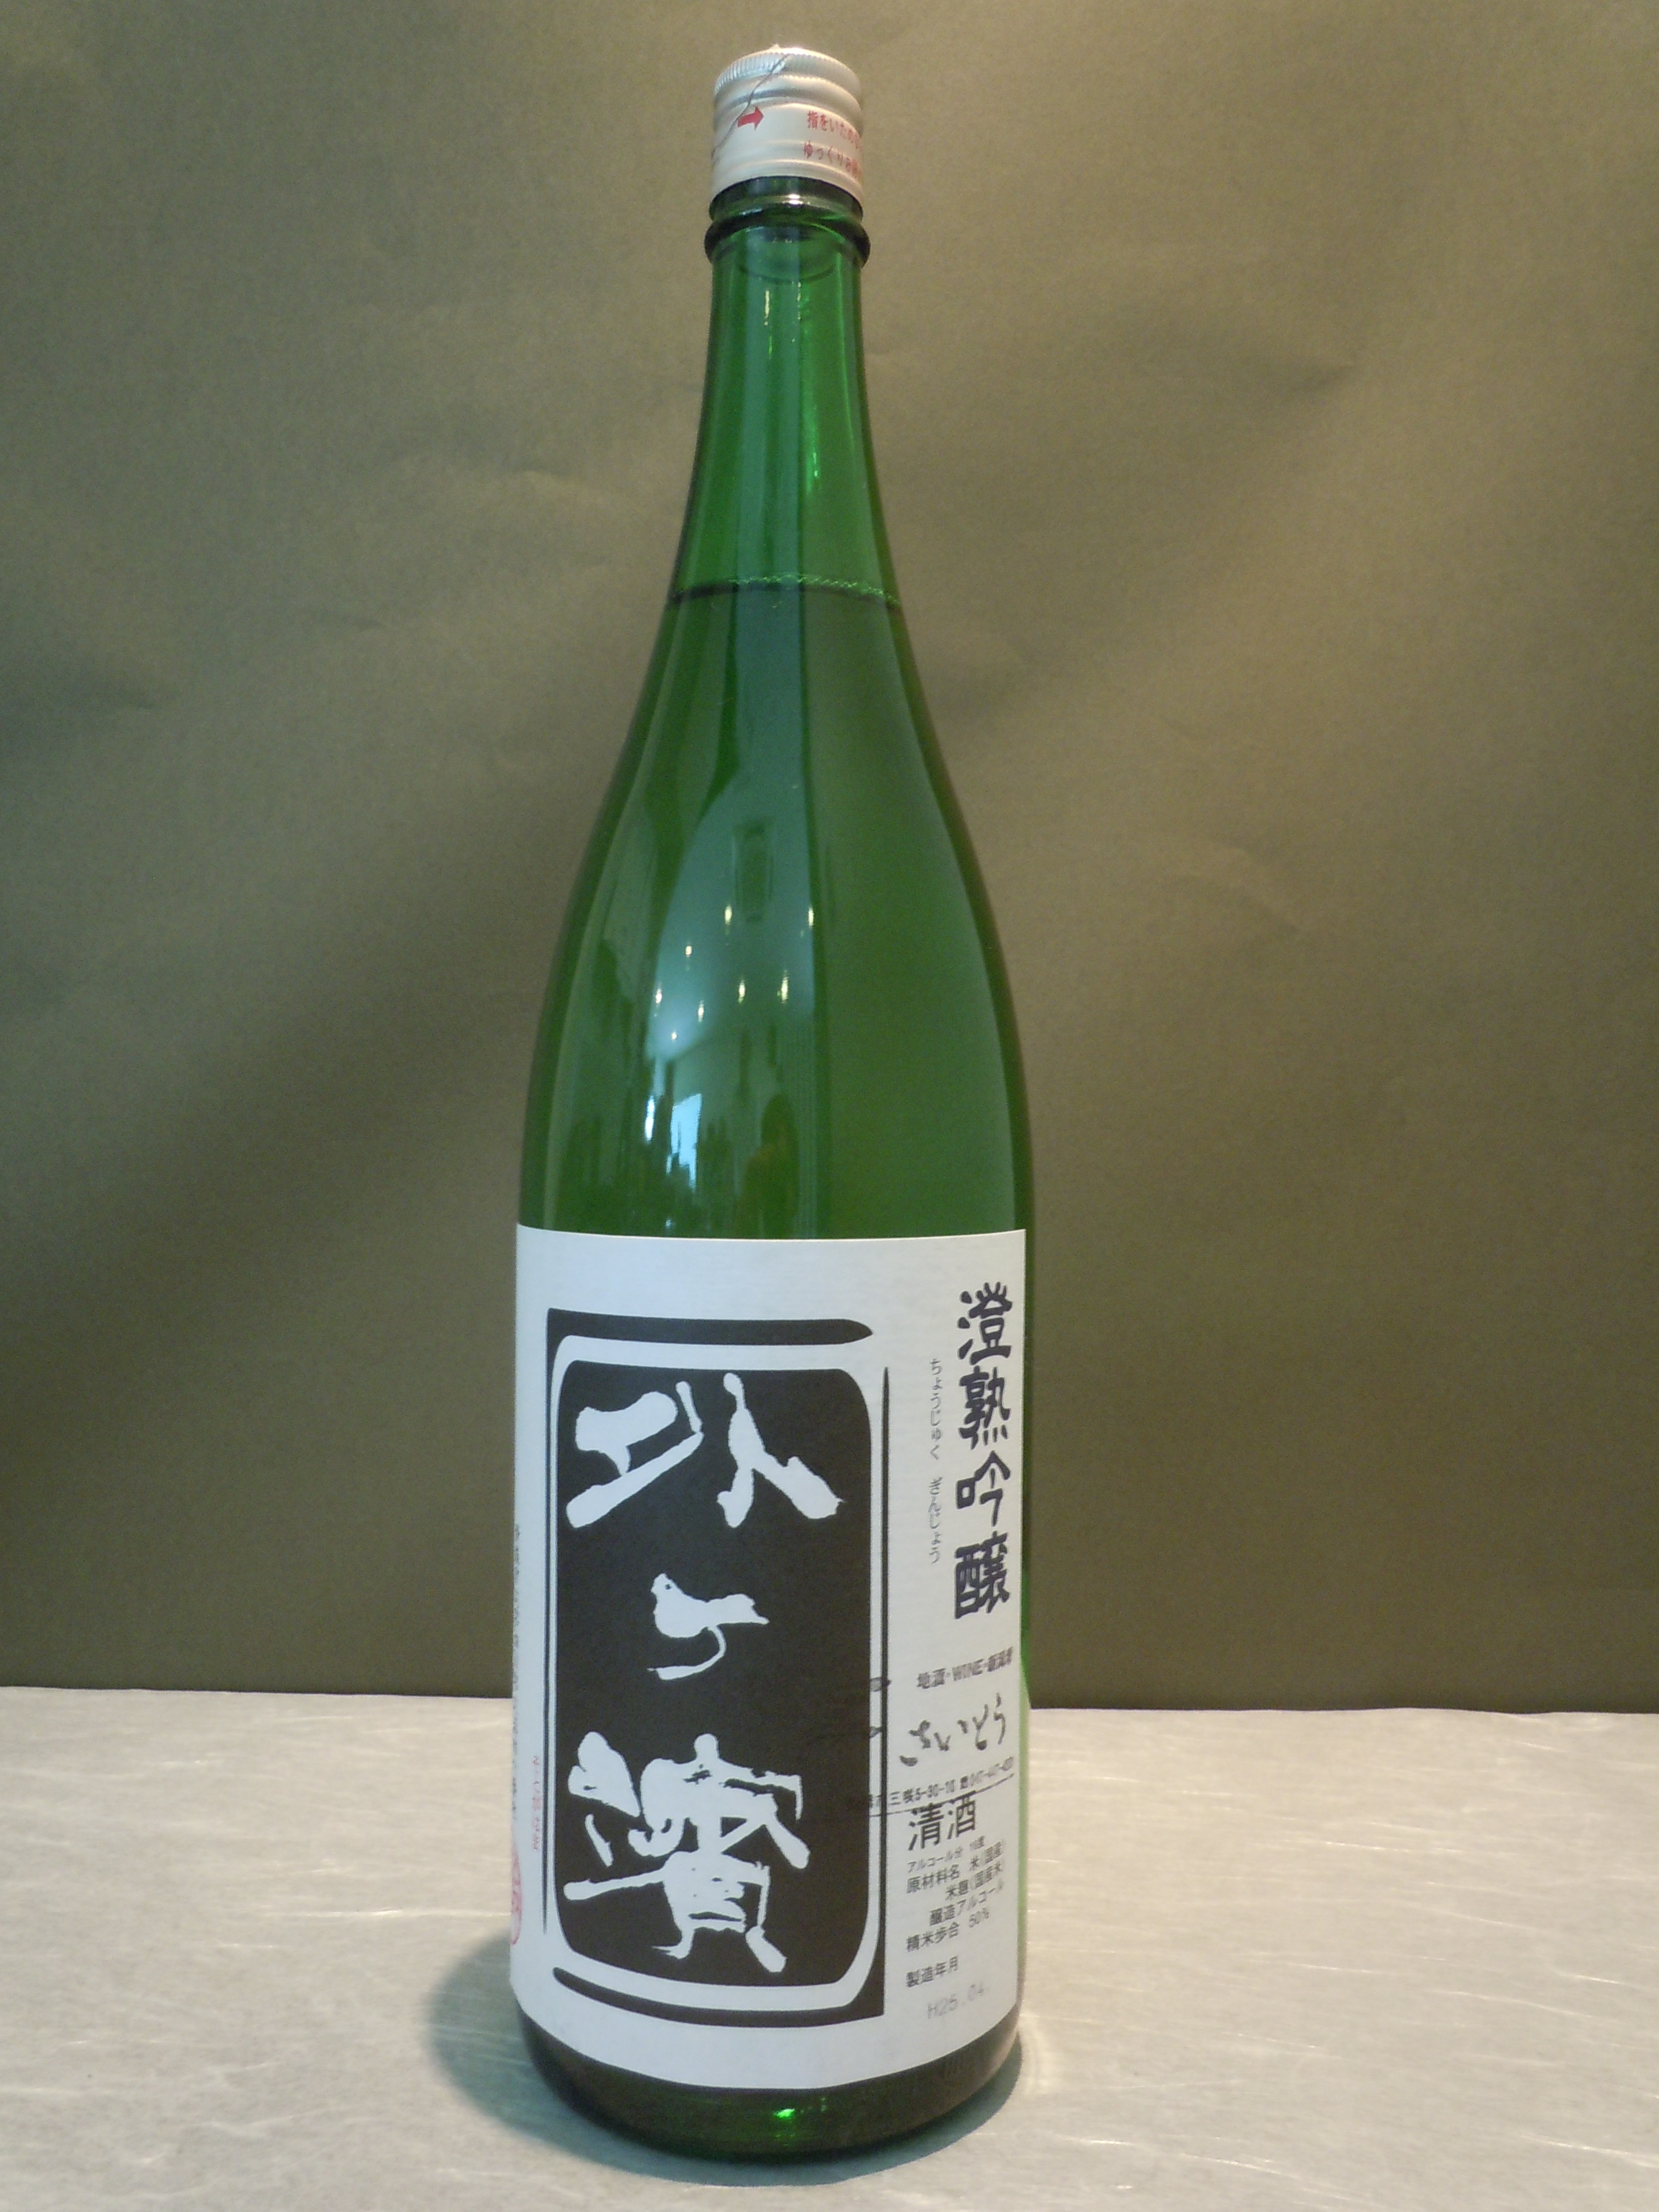 外ヶ濱 澄熟吟醸 1.8ℓ